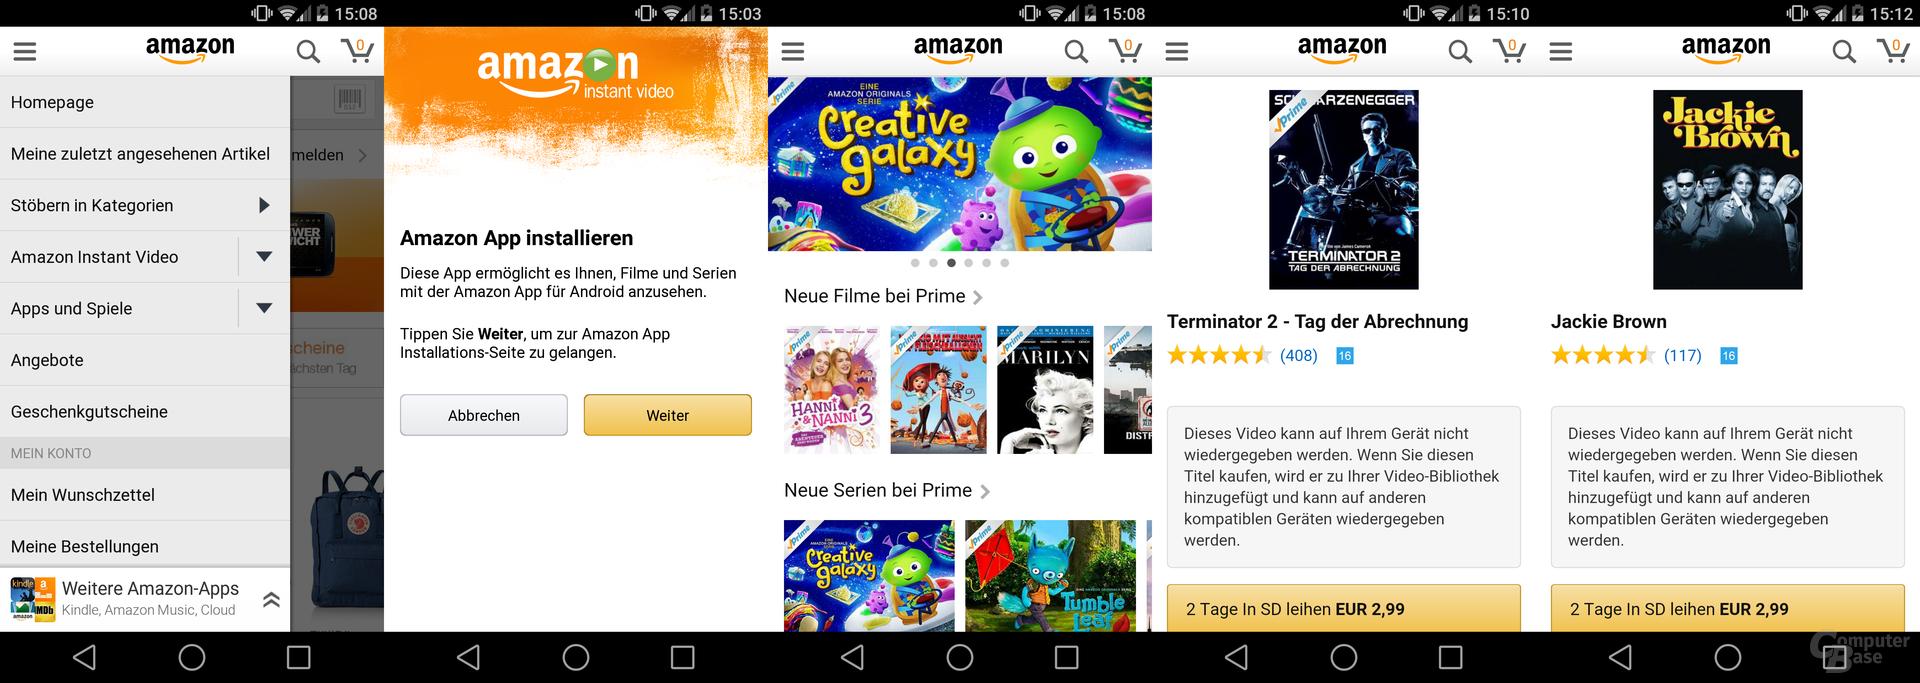 Amazon Instant Video für Android freigegeben